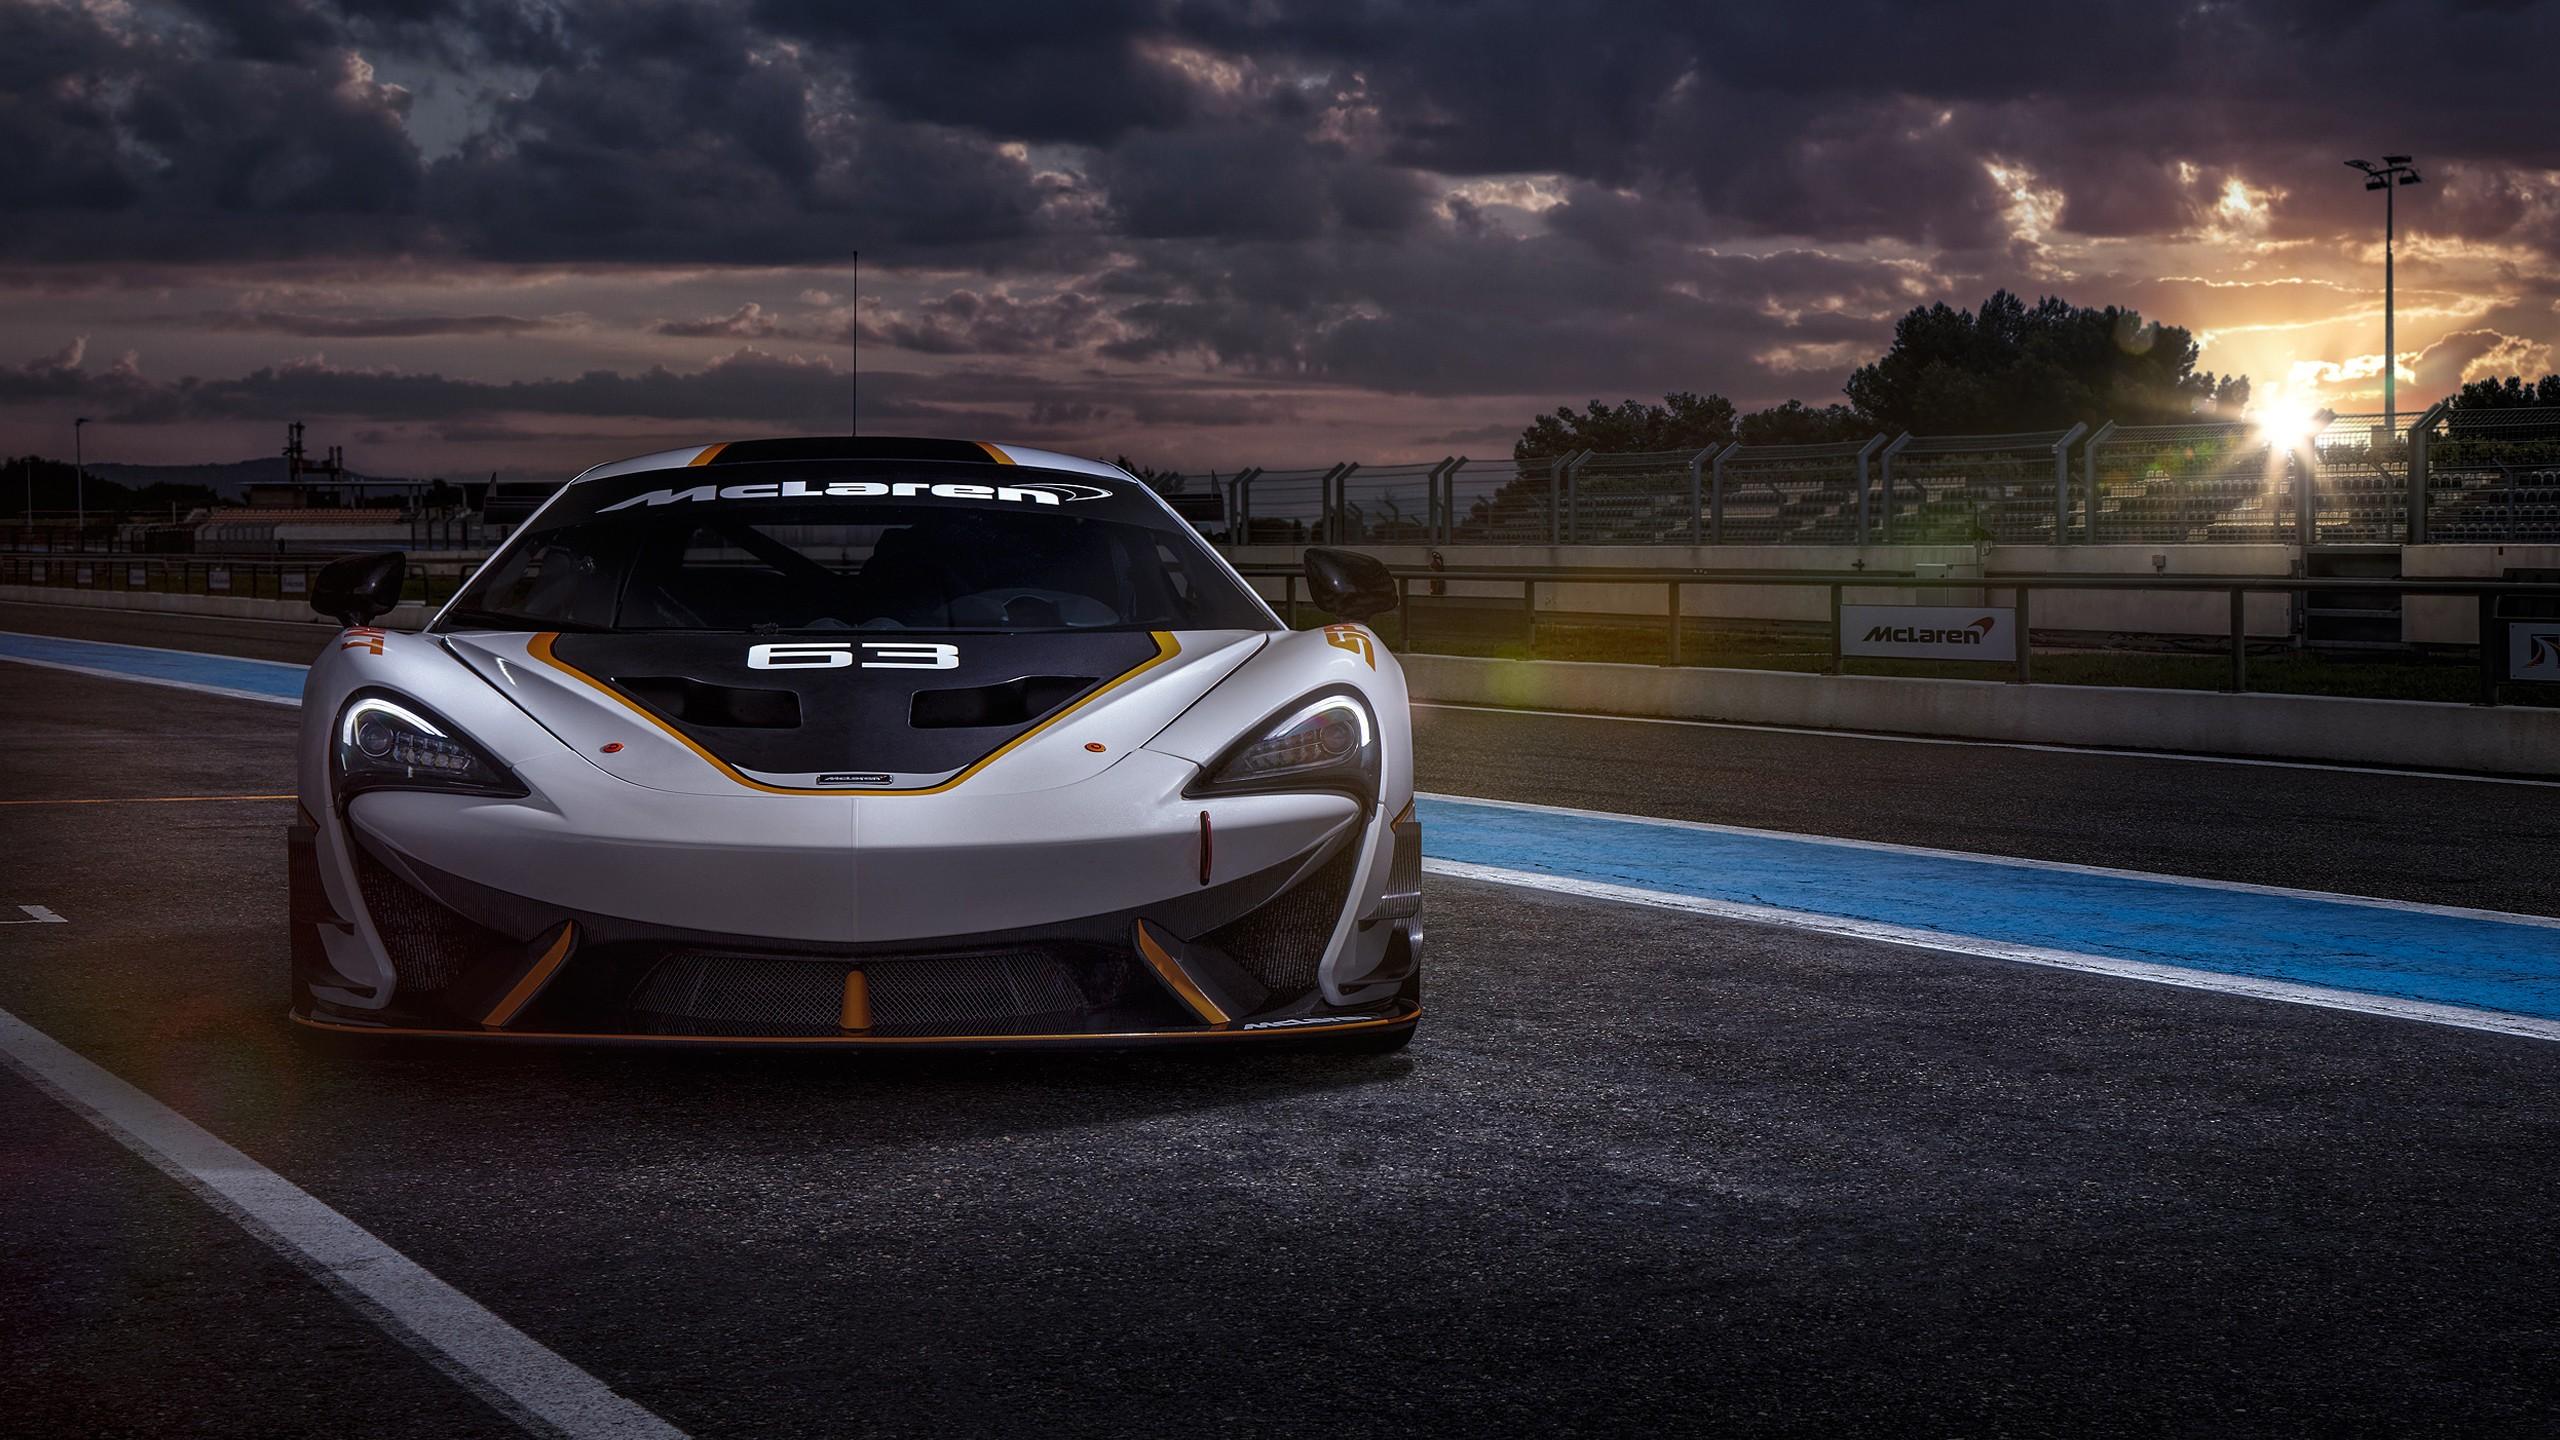 McLaren 650S GT3 racer Wallpaper | HD Car Wallpapers | ID ...